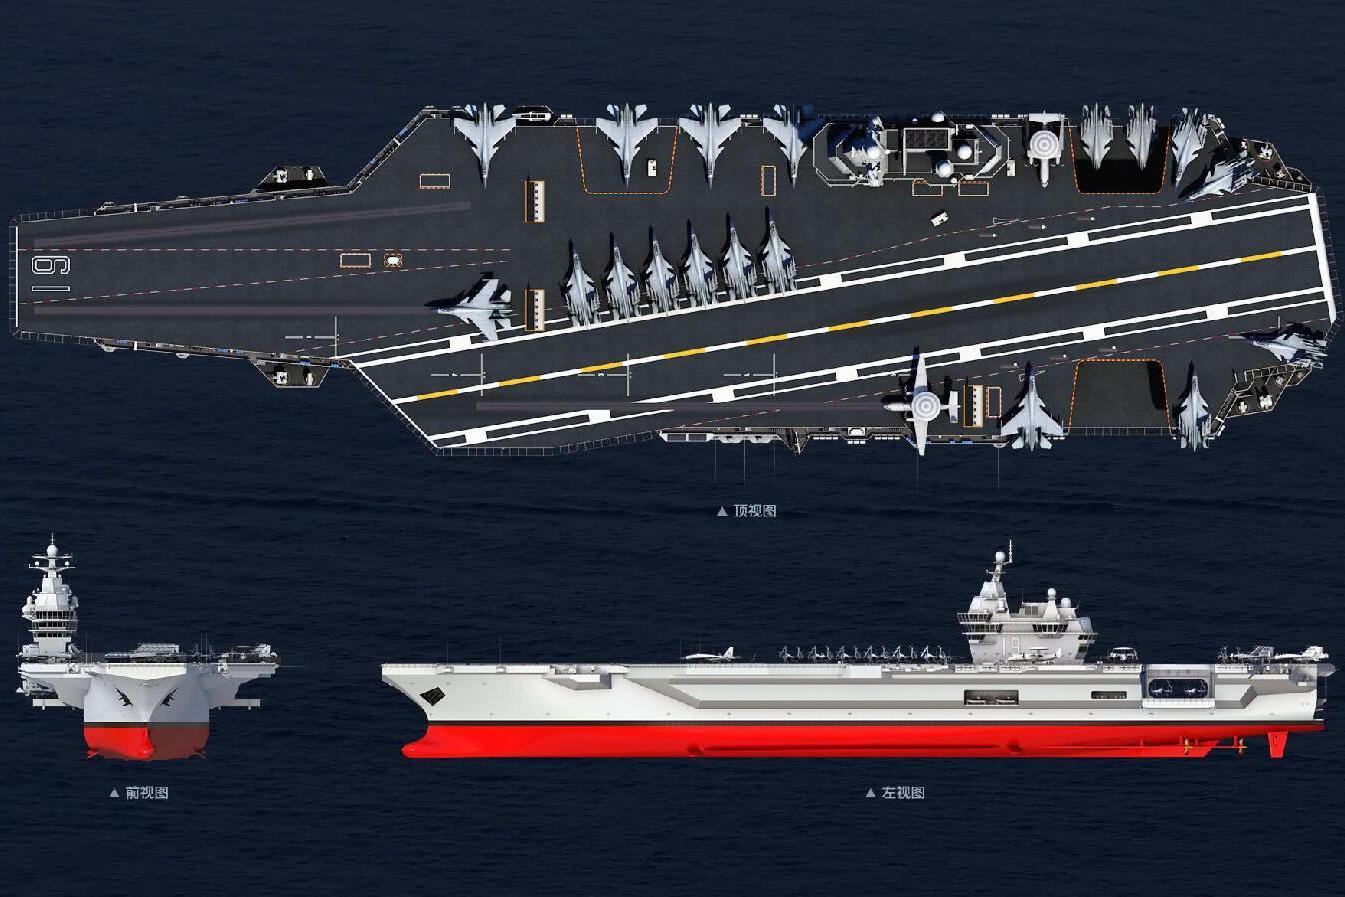 看到中国速度后,印度人开始焦虑,003航母近照现身后004还远吗?